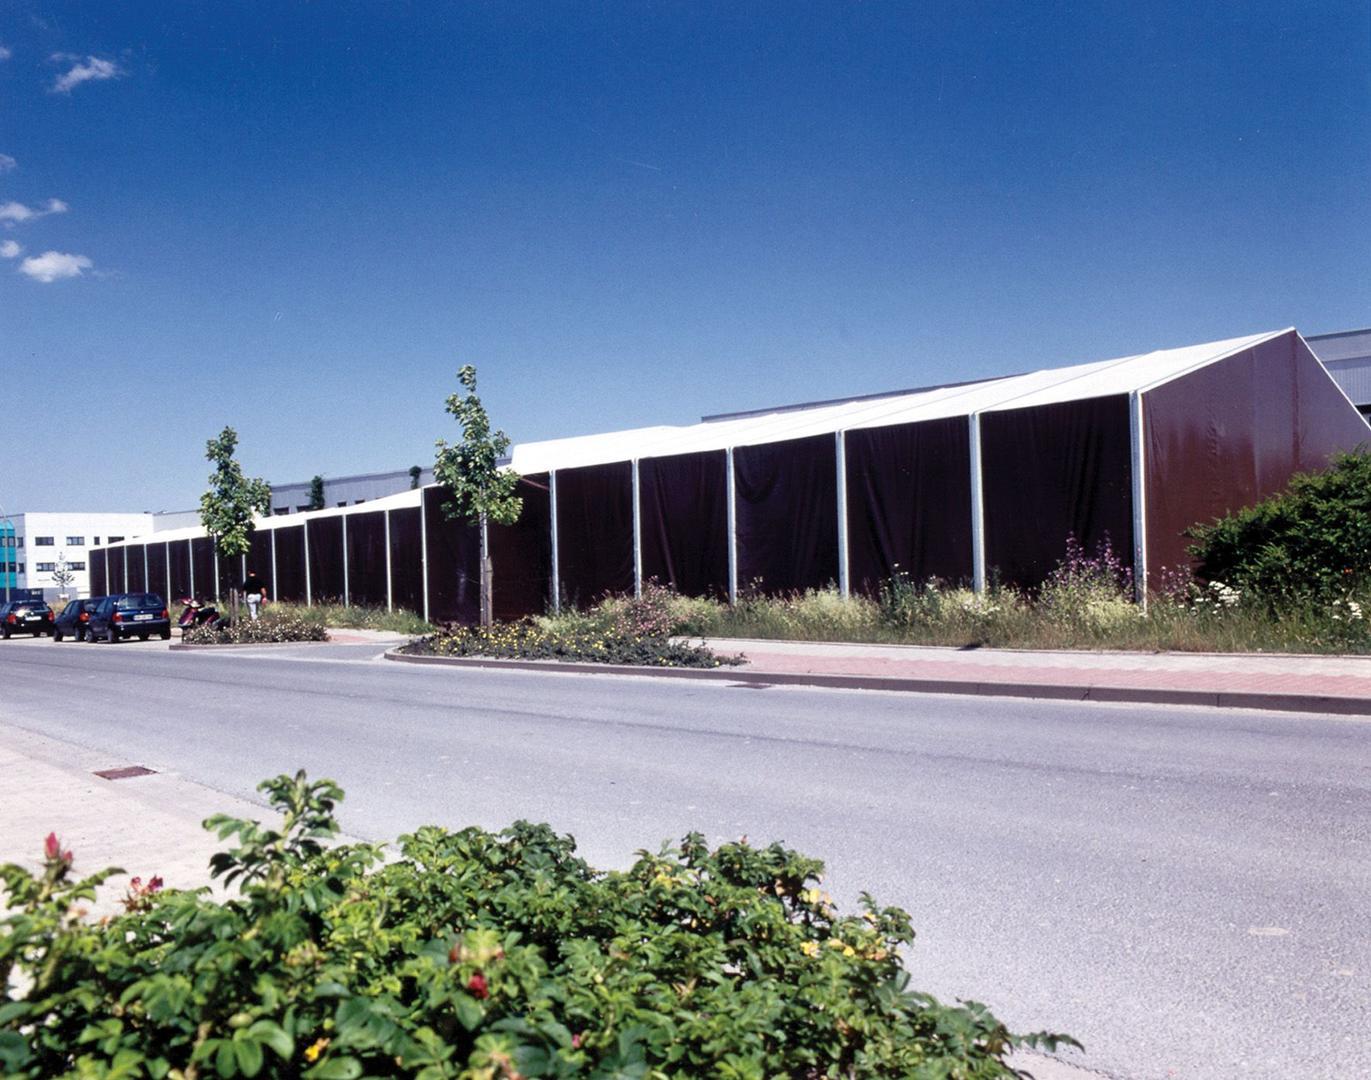 Lagerzelt mieten & vermieten - Leichtbauhalle, Lagerhalle, Lagerzelt 17,50x45m in Reinstädt